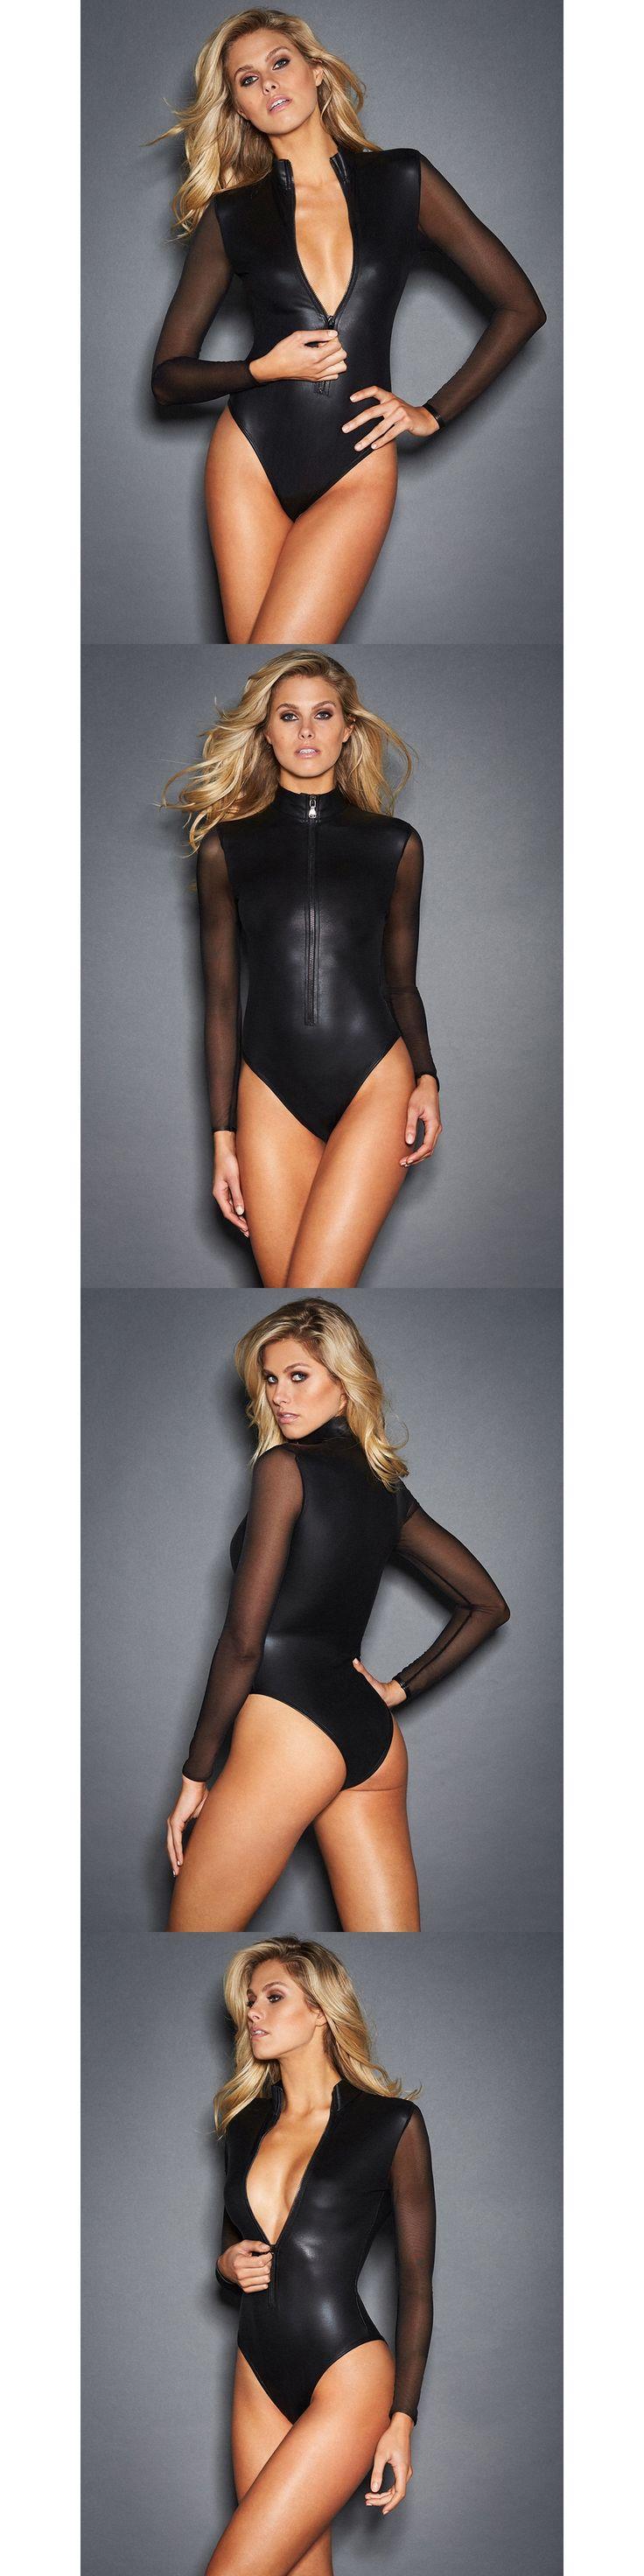 2017 New Plus Size Sexy Black Vinyl Catsuit Lingerie Mesh Long Sleeve Zipper Front Erotic Leotard Wet Look Faux Leather Bodysuit